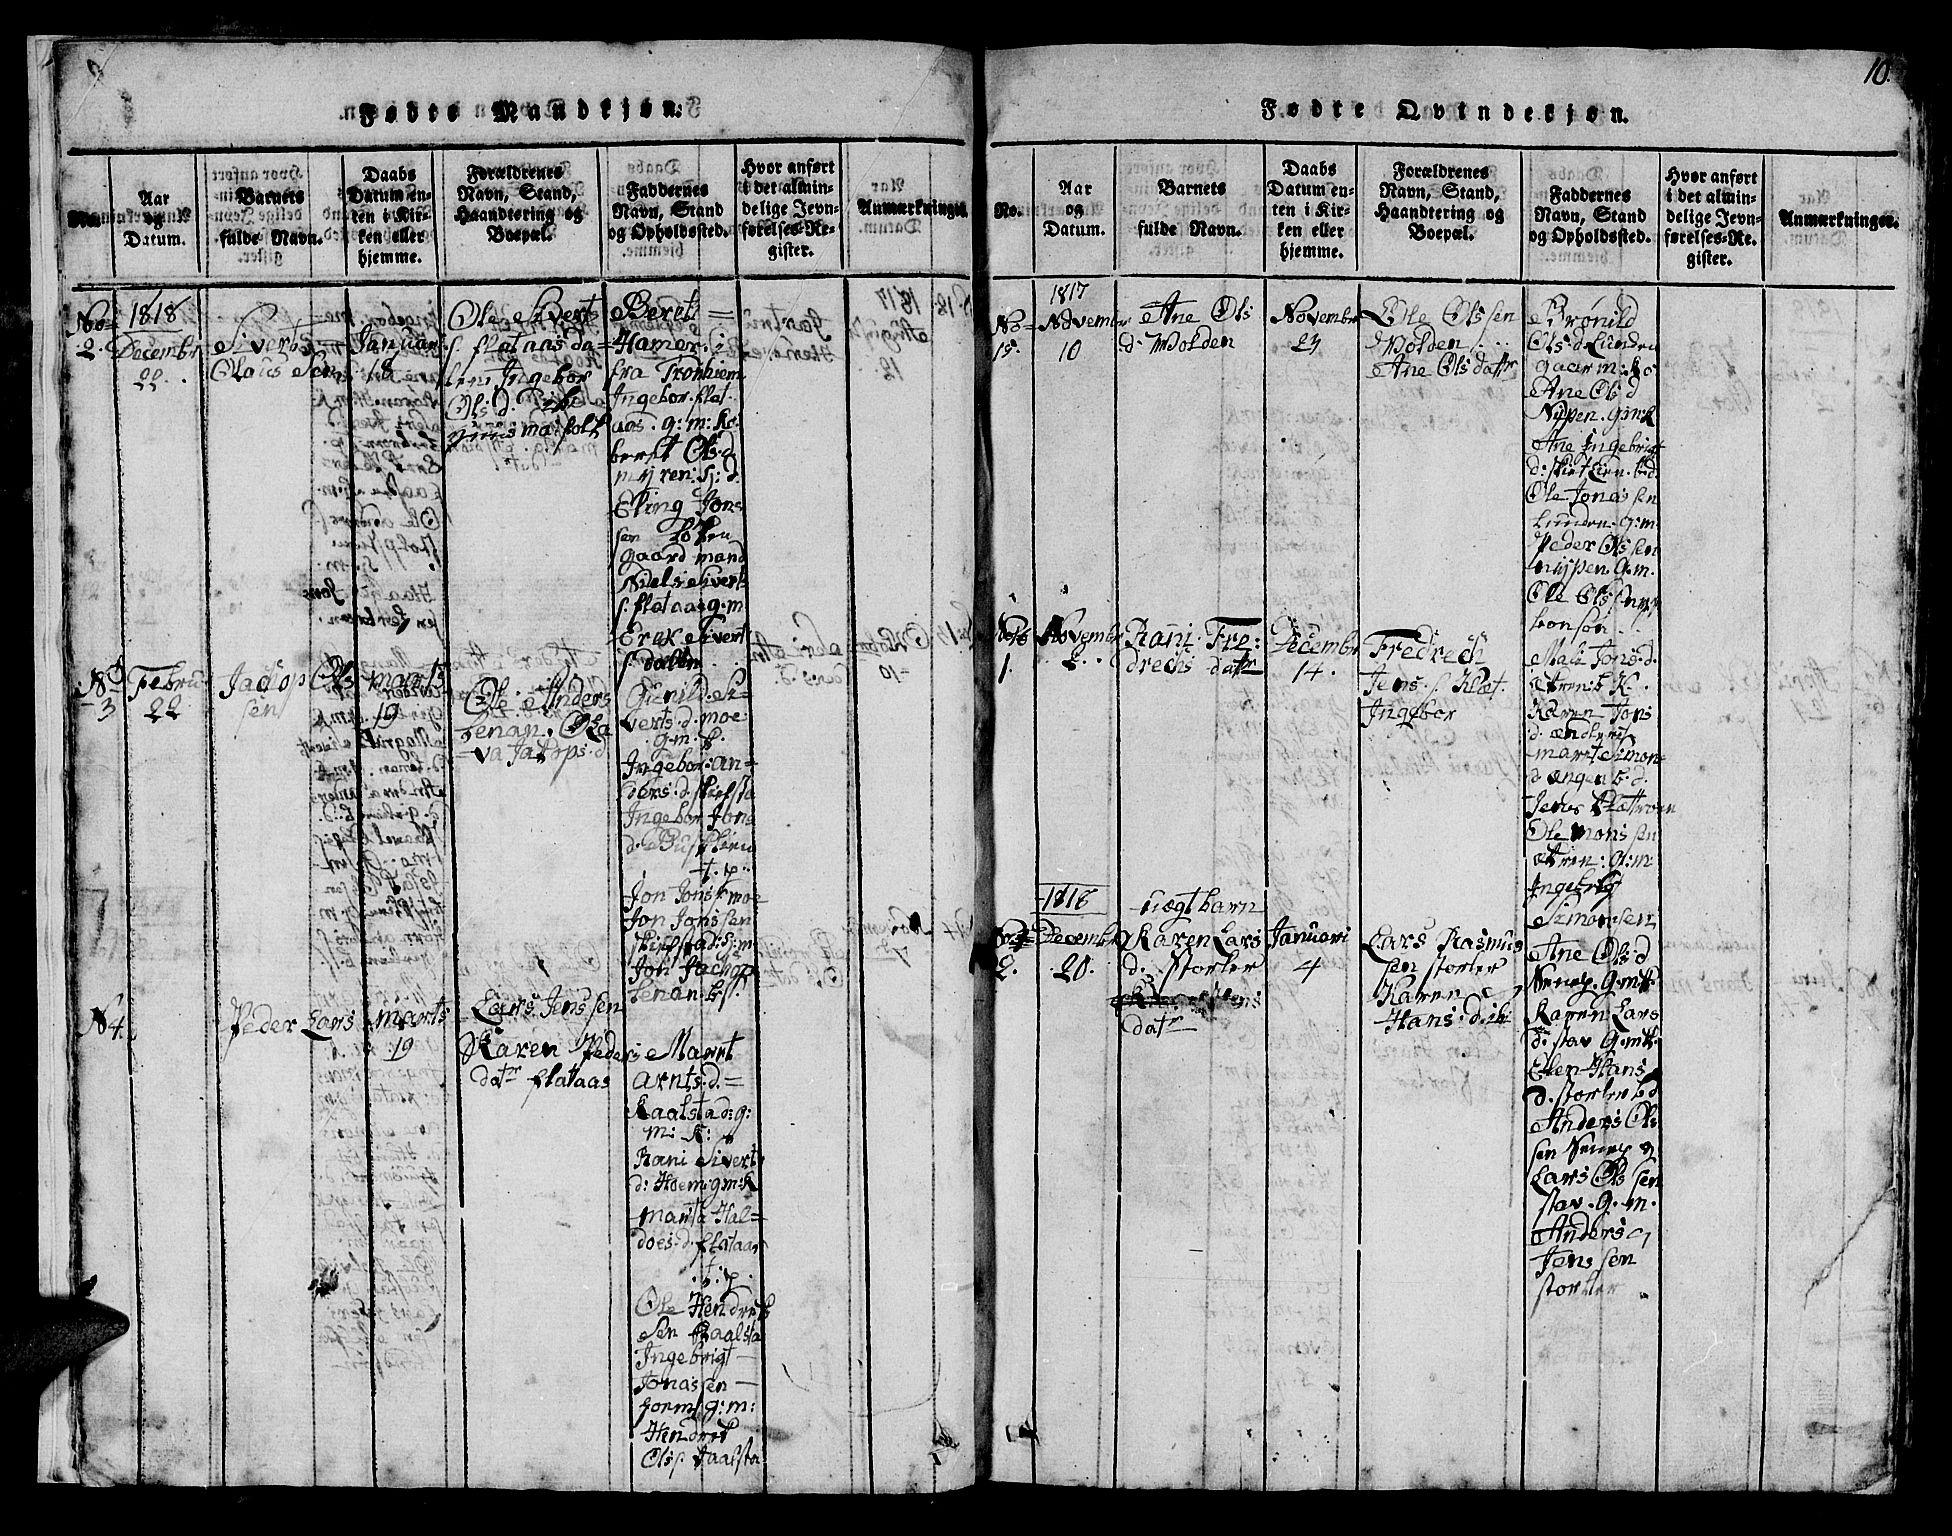 SAT, Ministerialprotokoller, klokkerbøker og fødselsregistre - Sør-Trøndelag, 613/L0393: Klokkerbok nr. 613C01, 1816-1886, s. 10